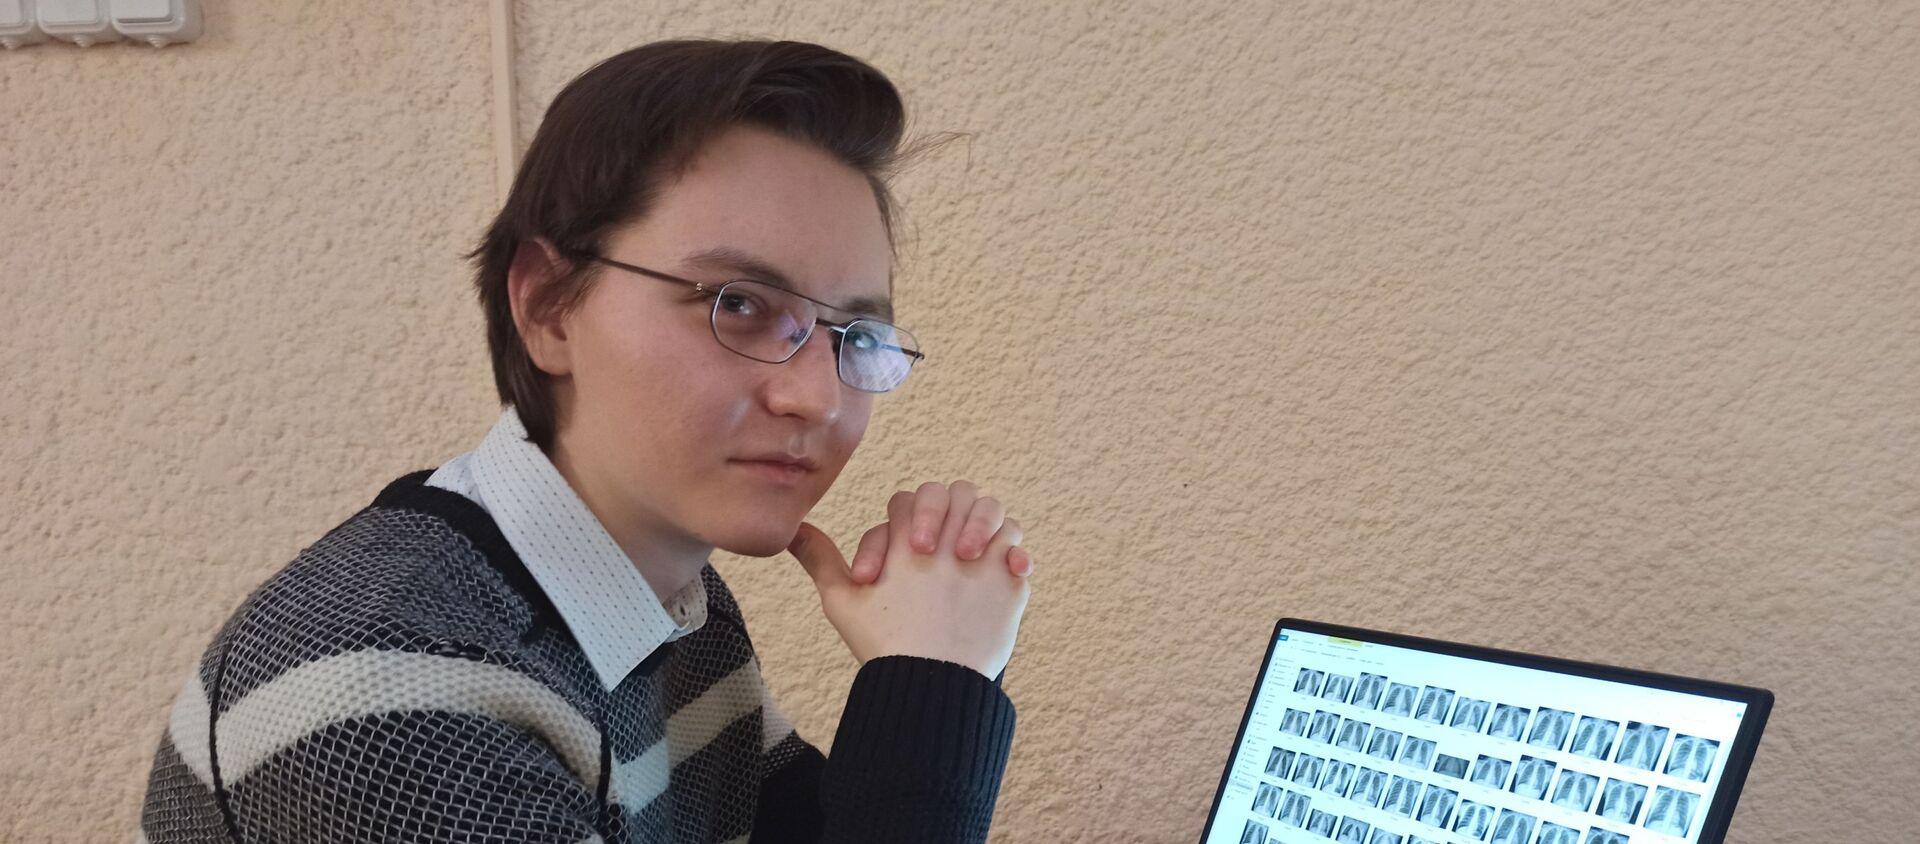 В секунду - 10 снимков: студент создал нейросеть, которая находит пневмонии - Sputnik Беларусь, 1920, 10.02.2021